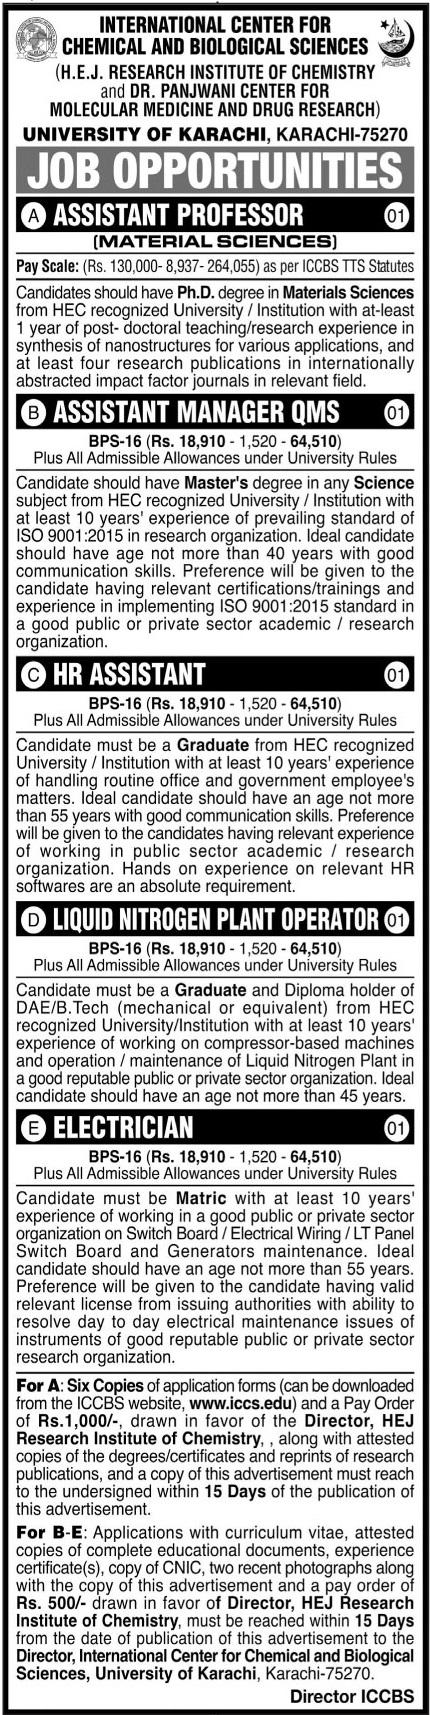 University of Karachi Jobs 2021 in Karachi